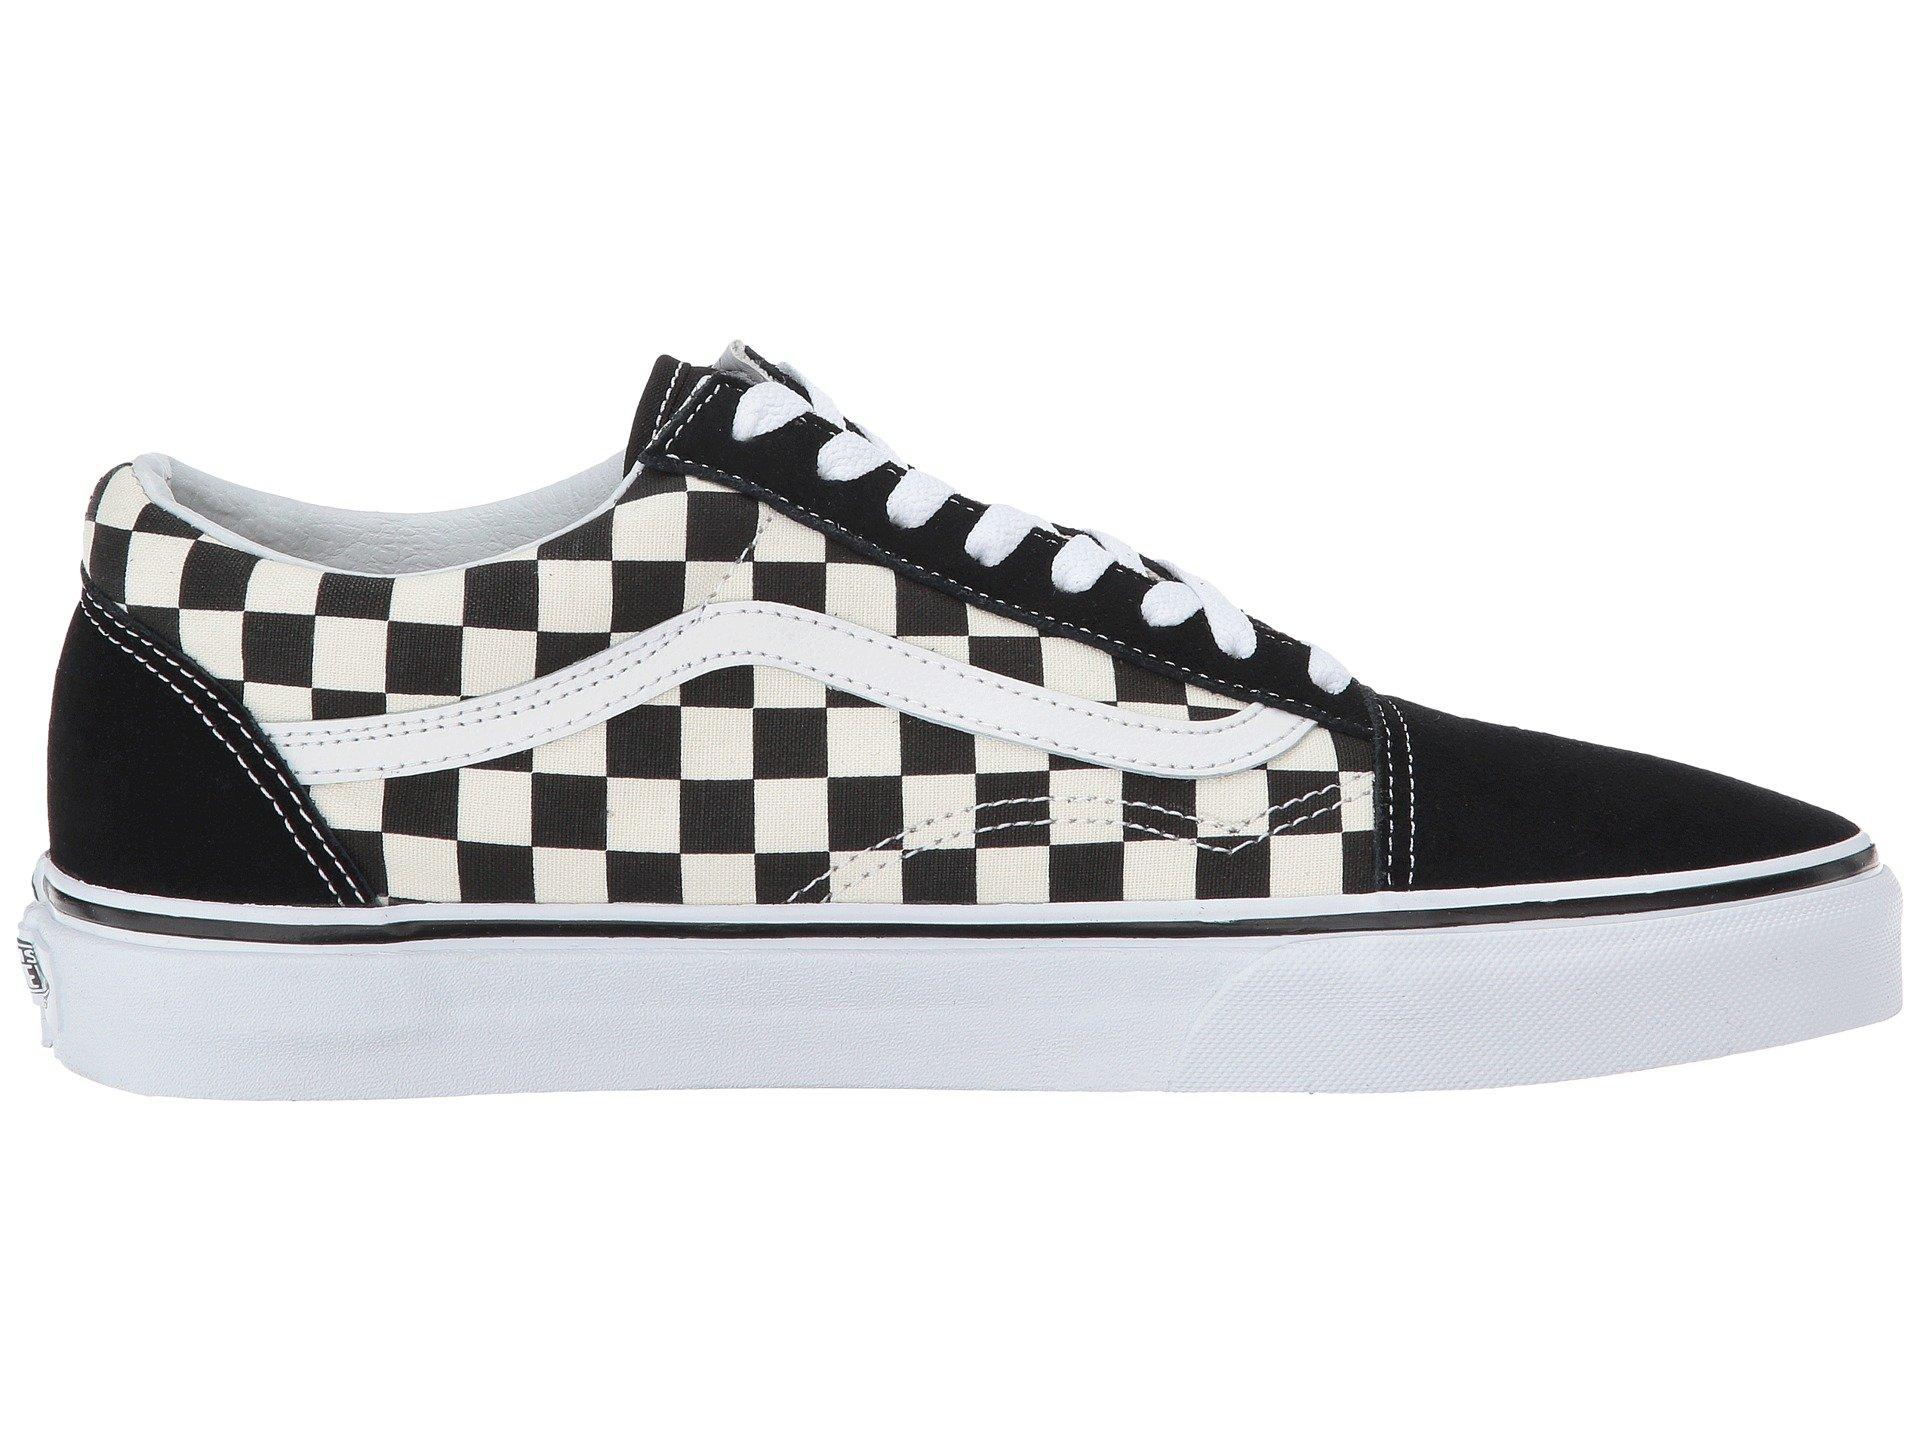 Vans Unisex Checkerboard Old Skool Lite Blk/White Checkerboard Slip-On - 3.5 by Vans (Image #8)